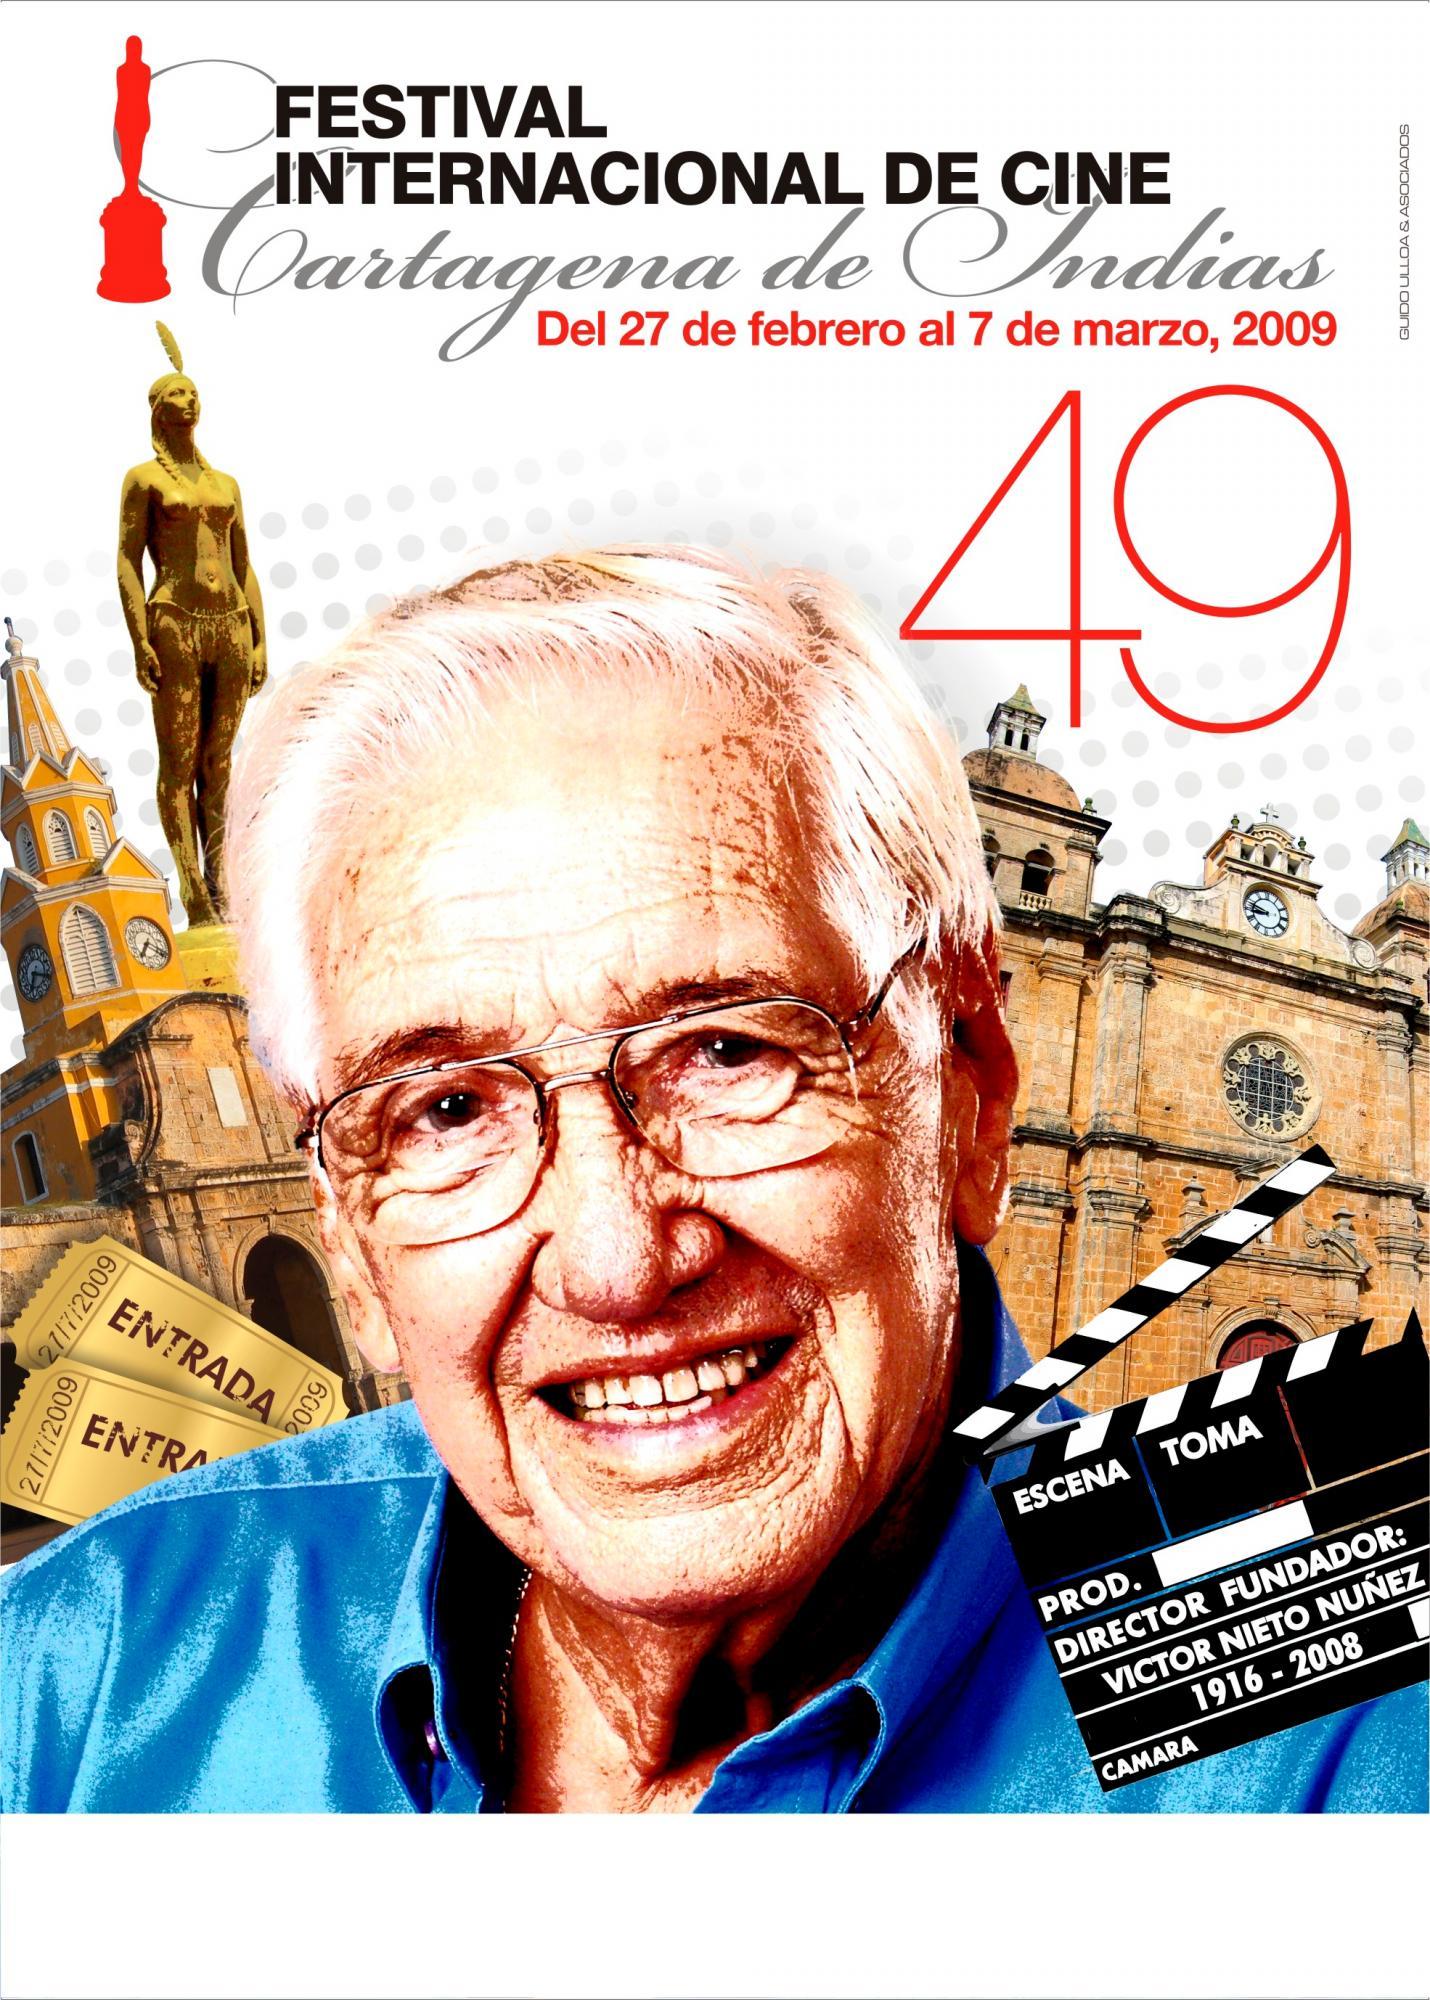 Aniversario Cartagena: ¡La ciudad reina en las películas!